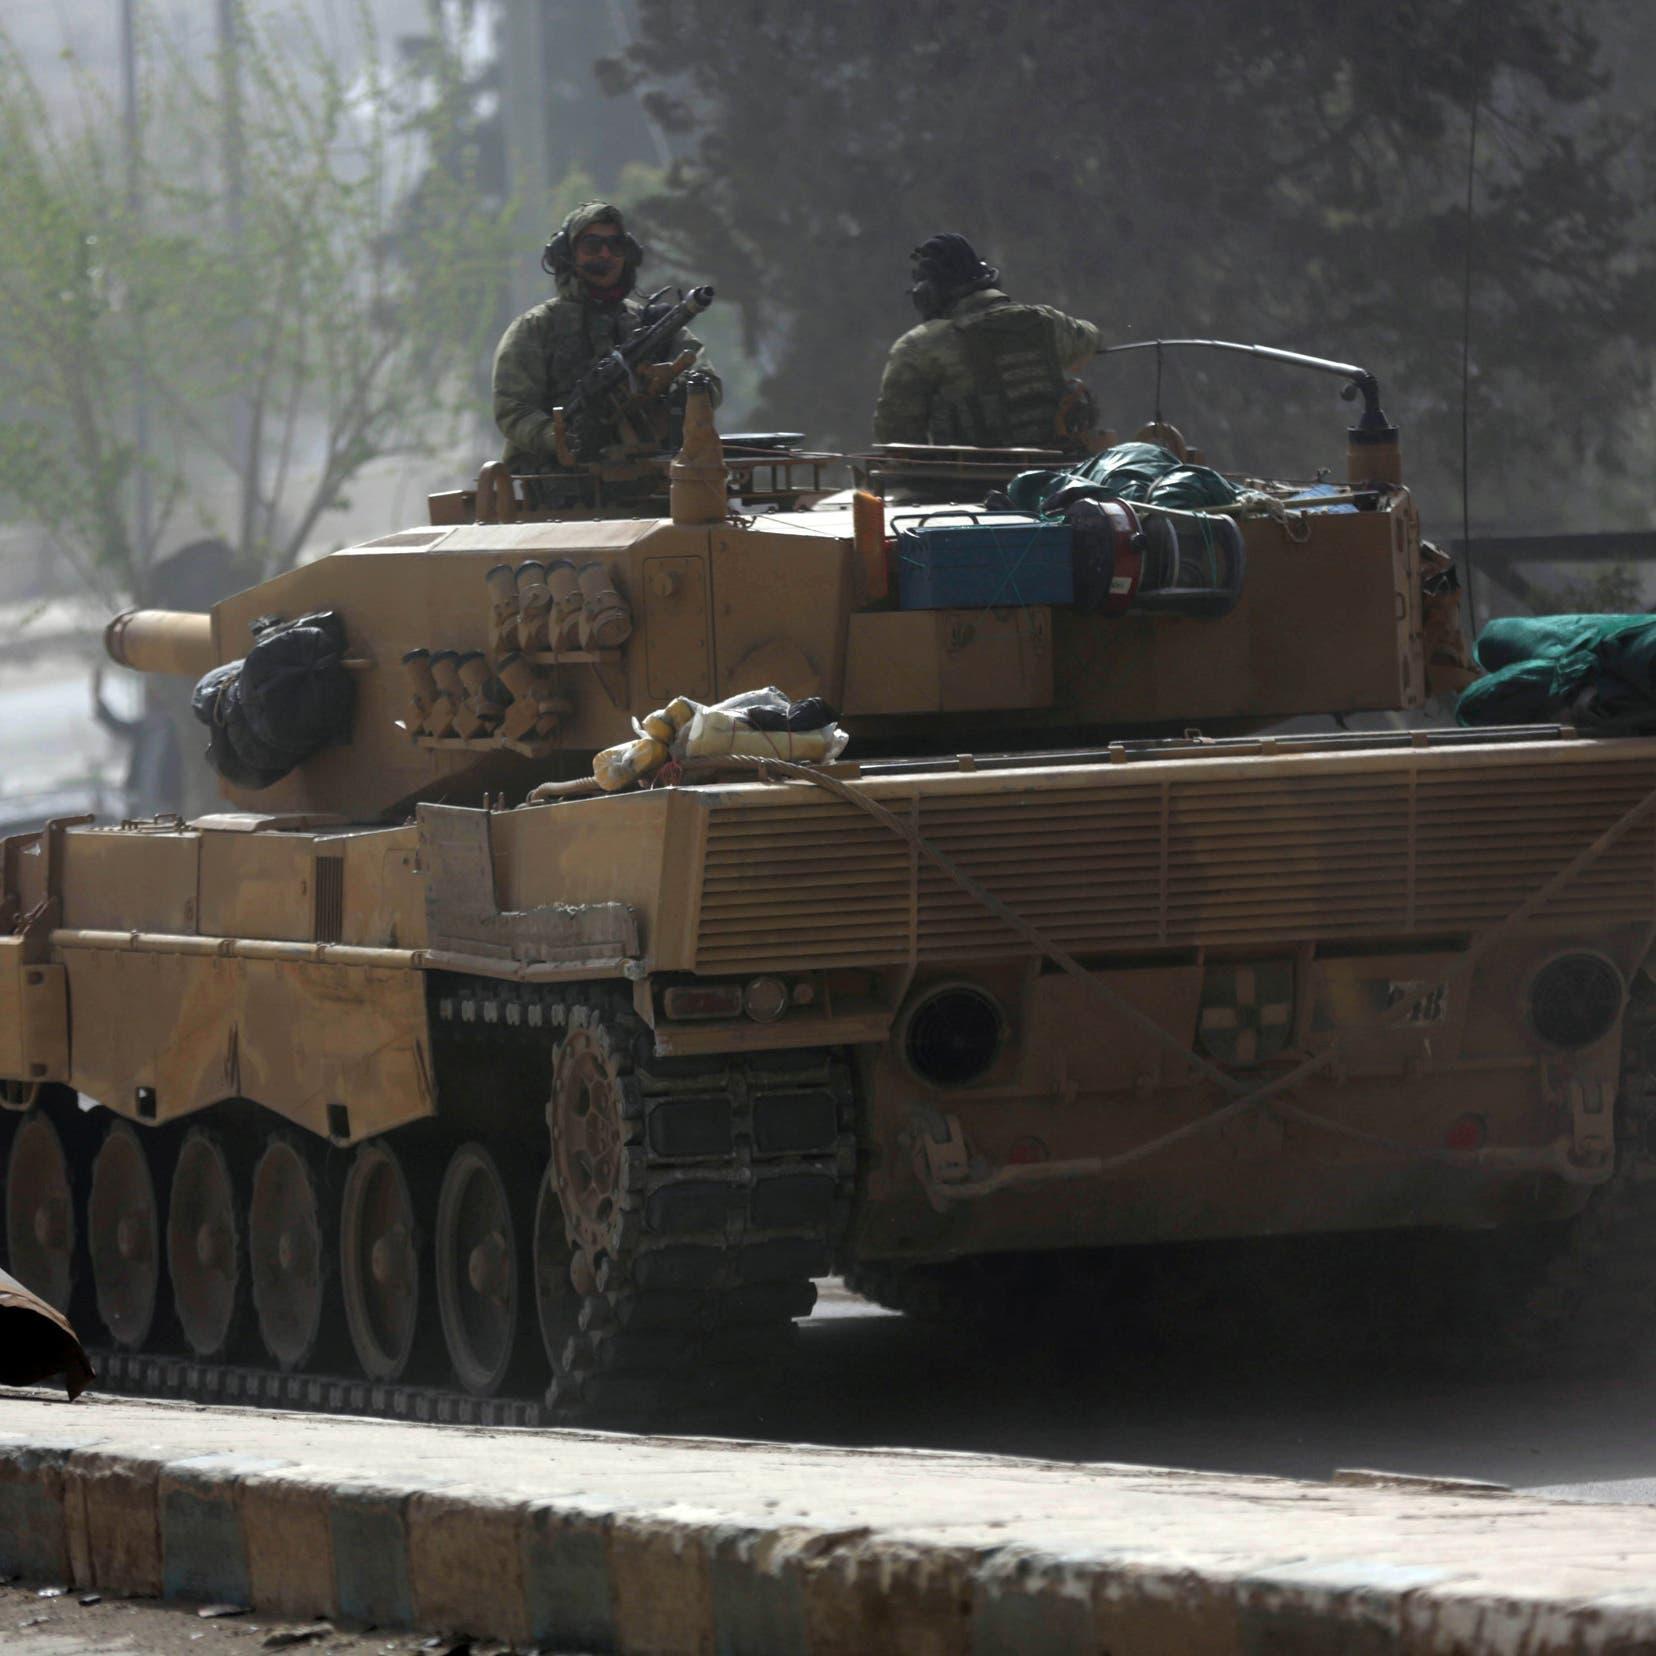 قصف في شمال سوريا يخلف 5 قتلى وما لا يقل عن 15 جريحا